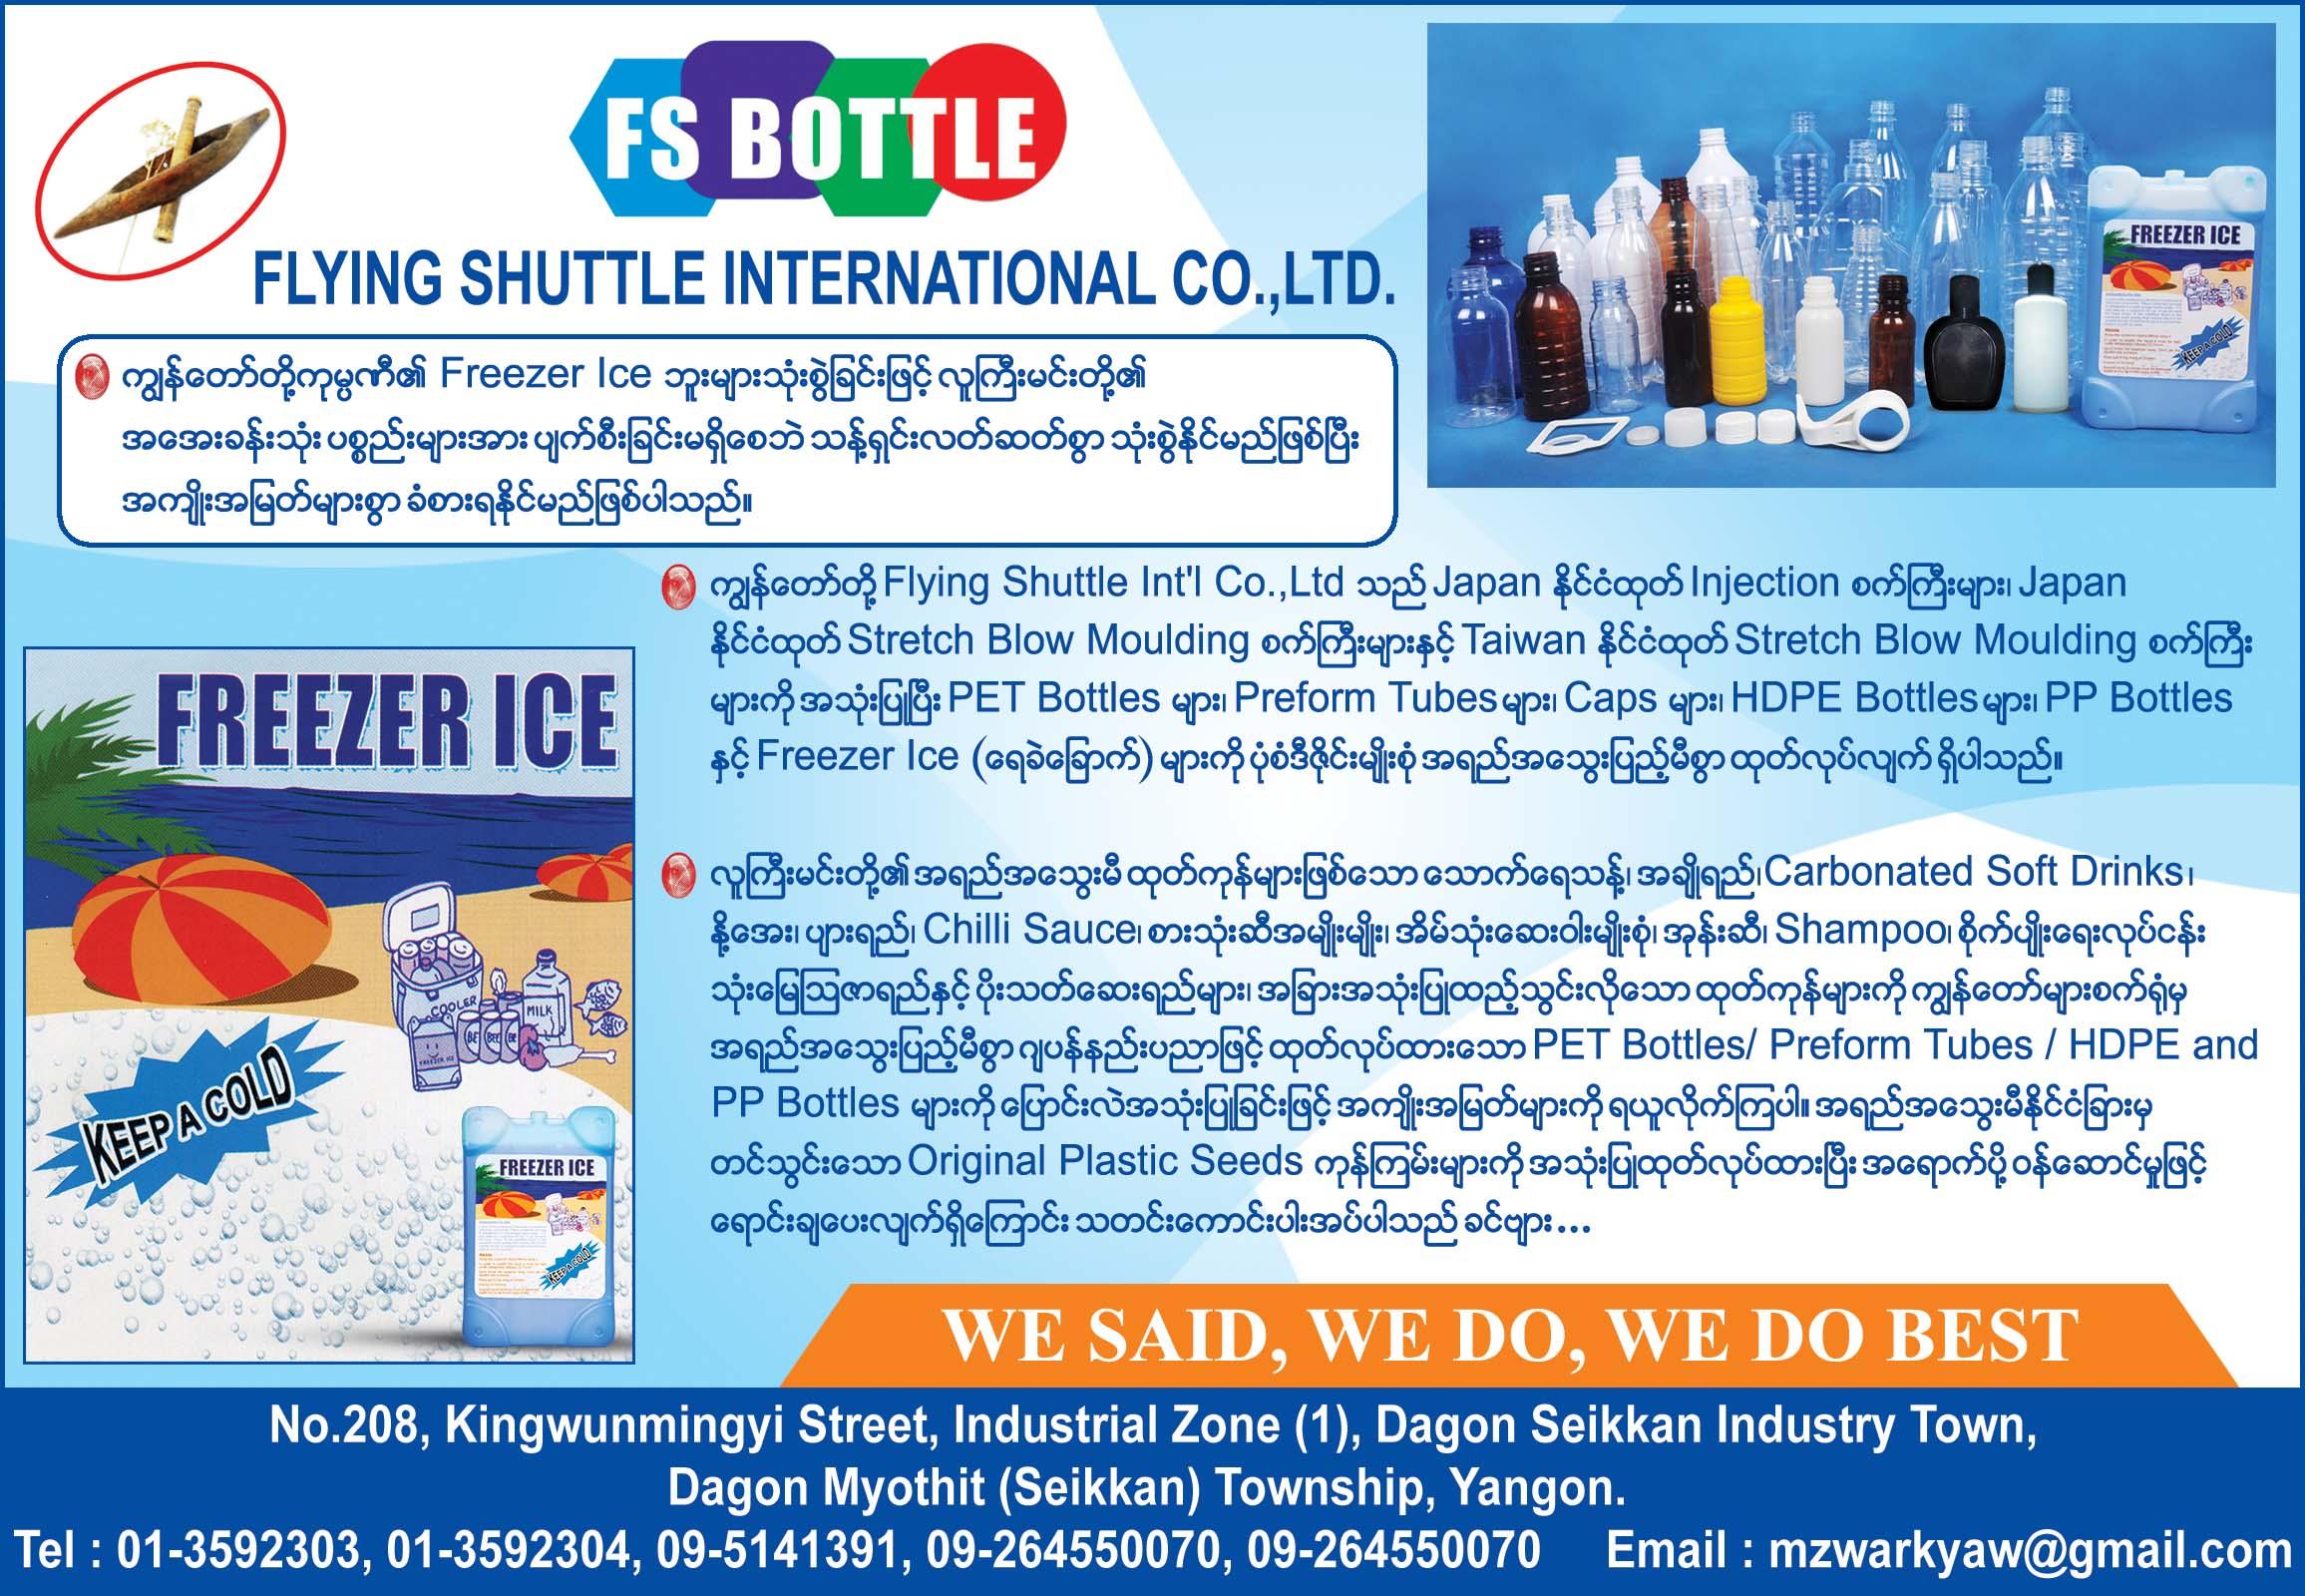 Flying Shuttle International Co., Ltd.